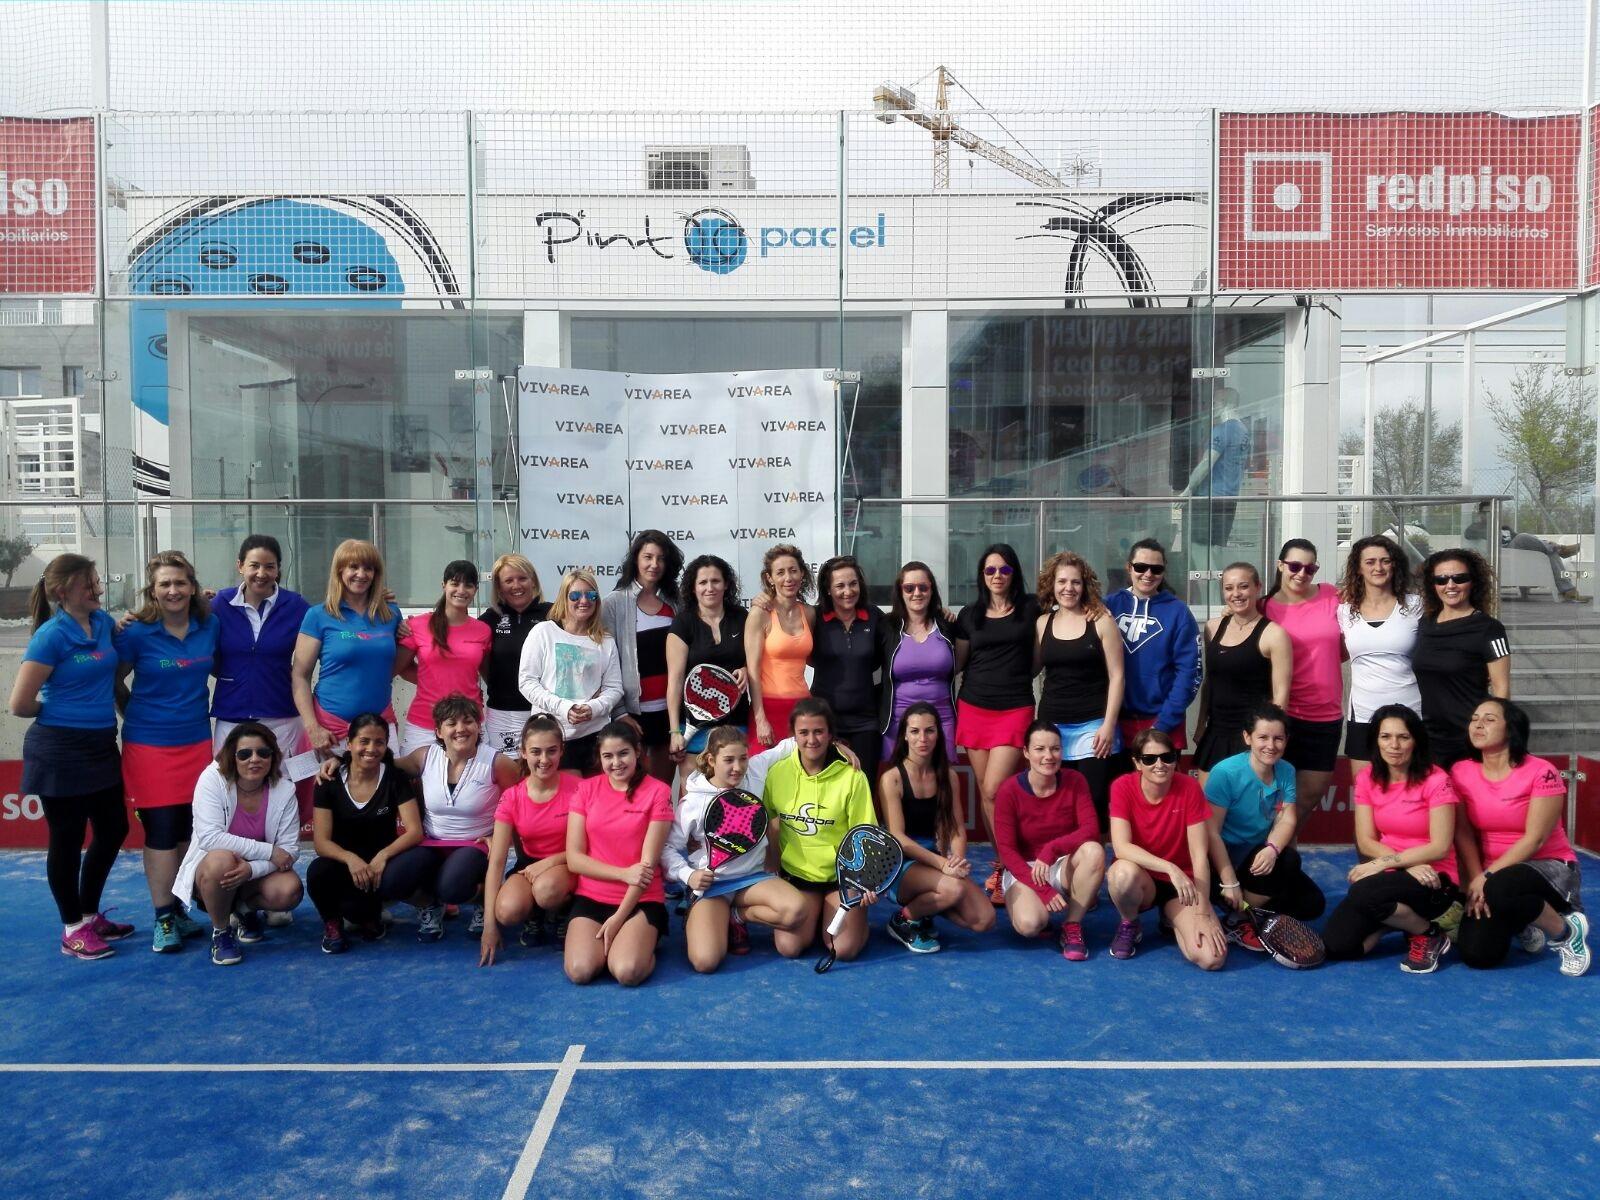 El Club PintoPádel organiza un torneo mixto benéfico el próximo 22 de abril